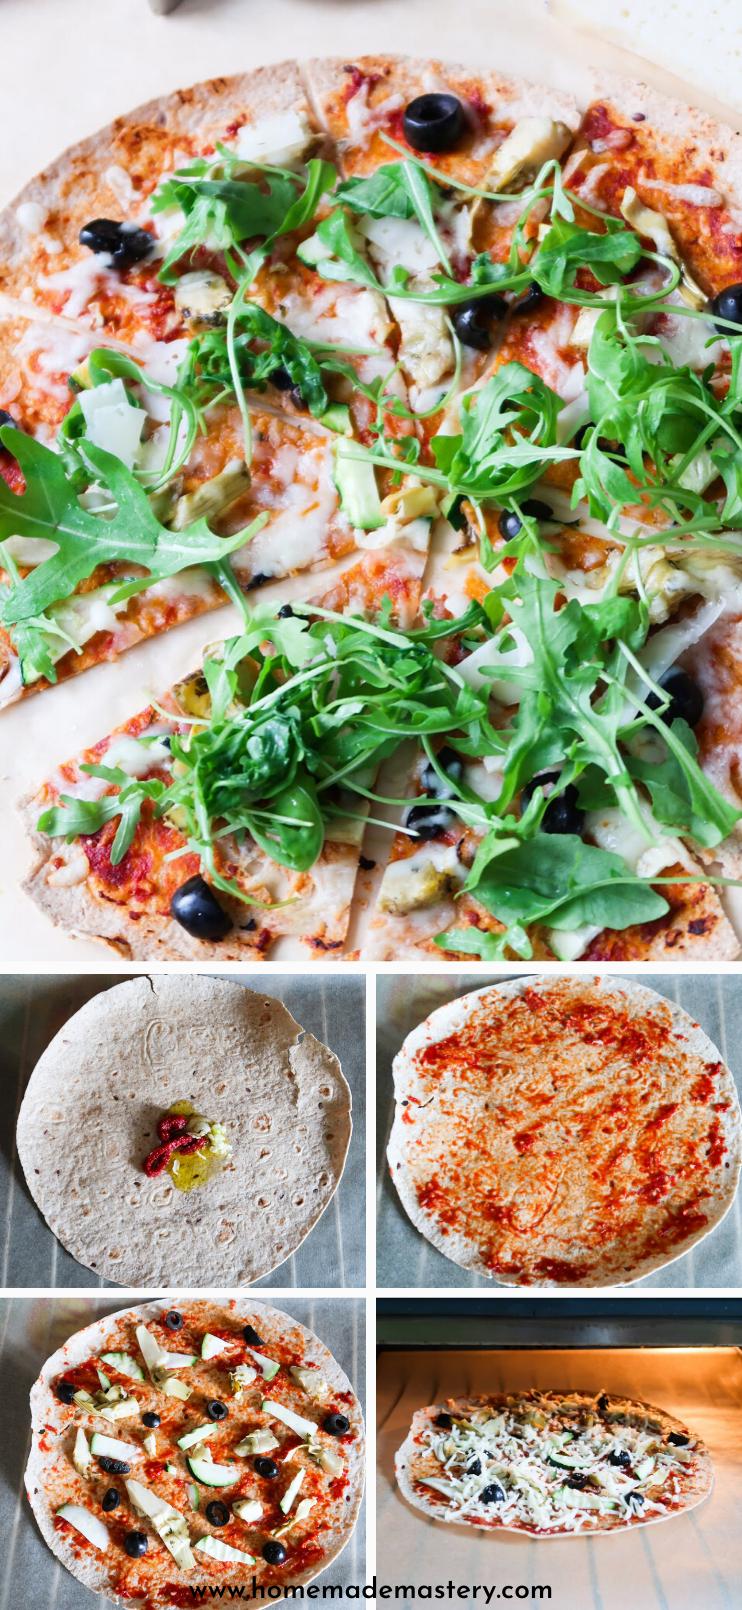 10 Minute Vegetarian Tortilla Pizza Homemade Mastery Recipe Healthy Pizza Recipes Tortilla Pizza Pizza Dinner Recipes